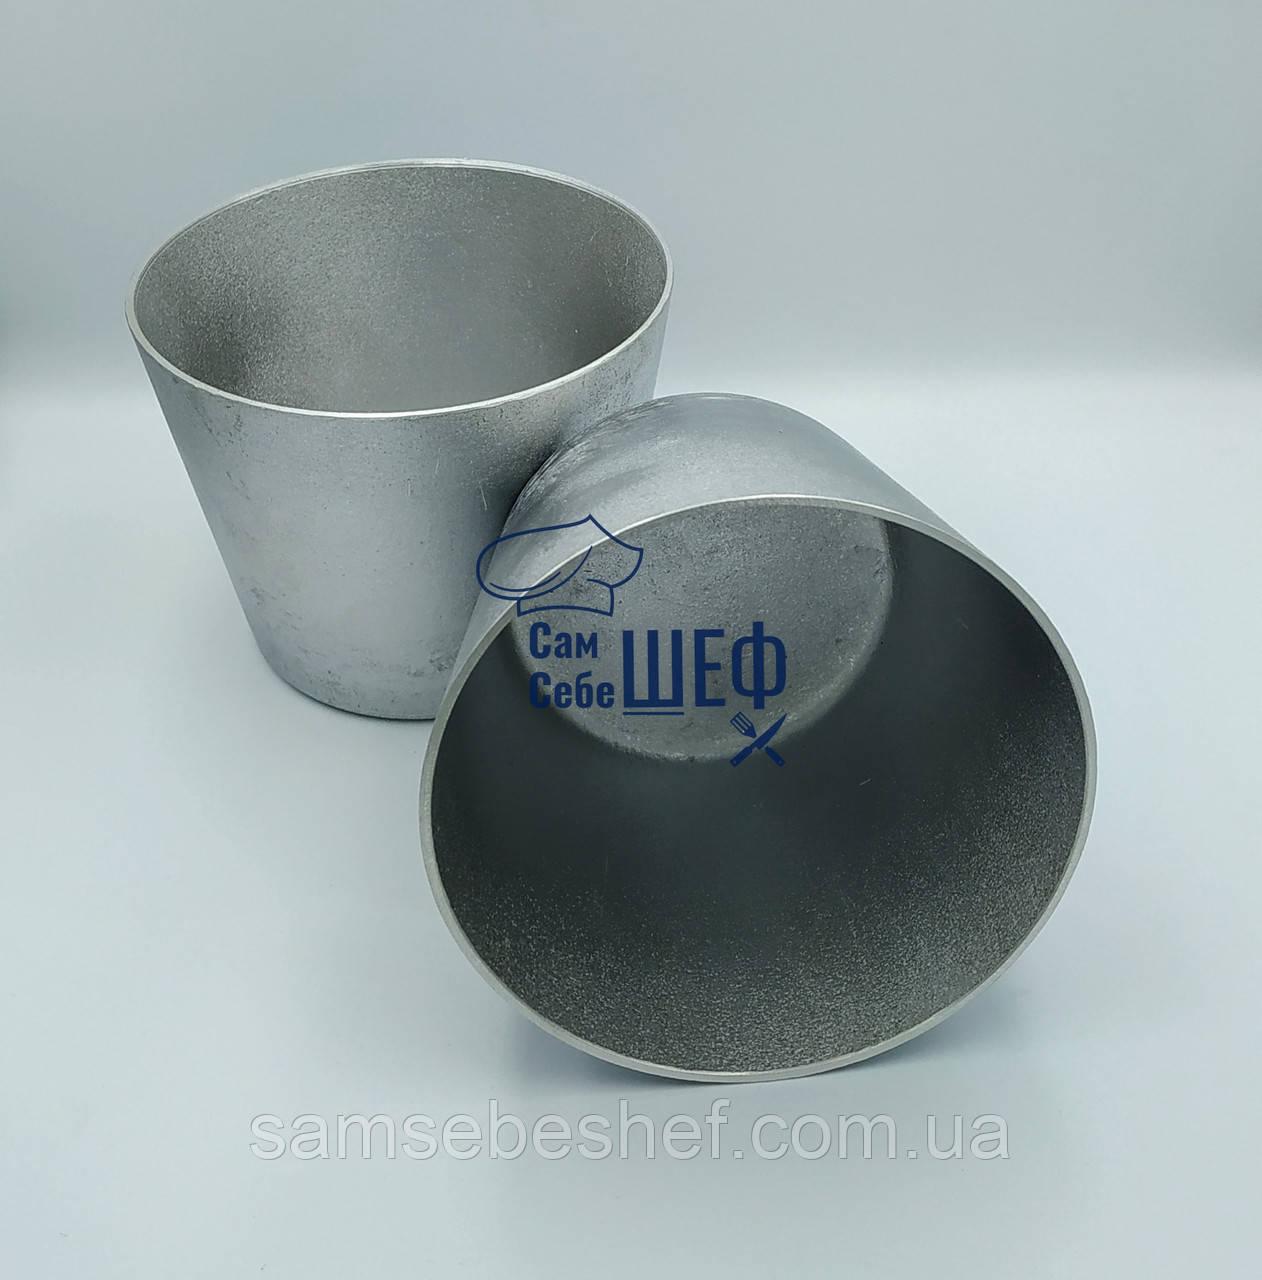 Форма для выпечки Пасхального кулича алюминиевая 0.75 л. А-13